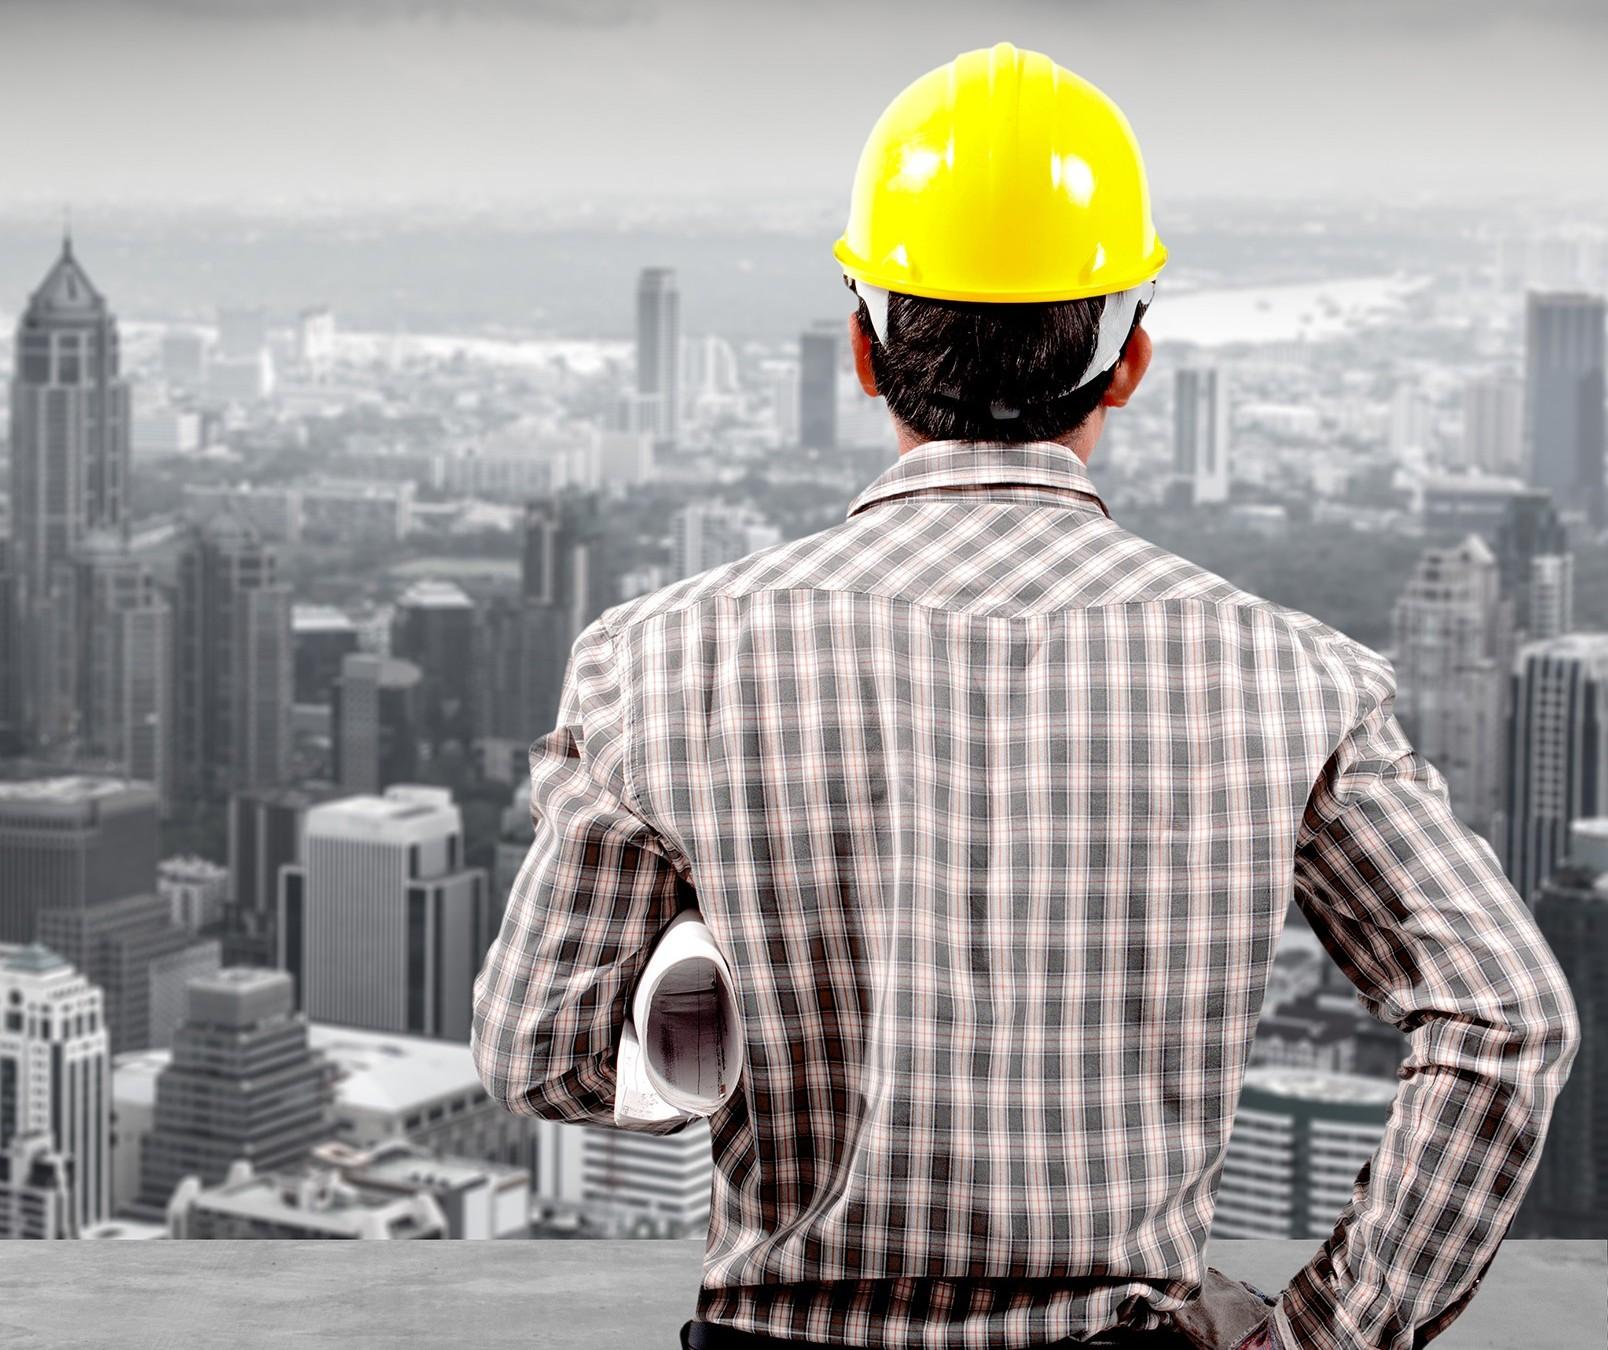 Construção civil será impactada pela tecnologia